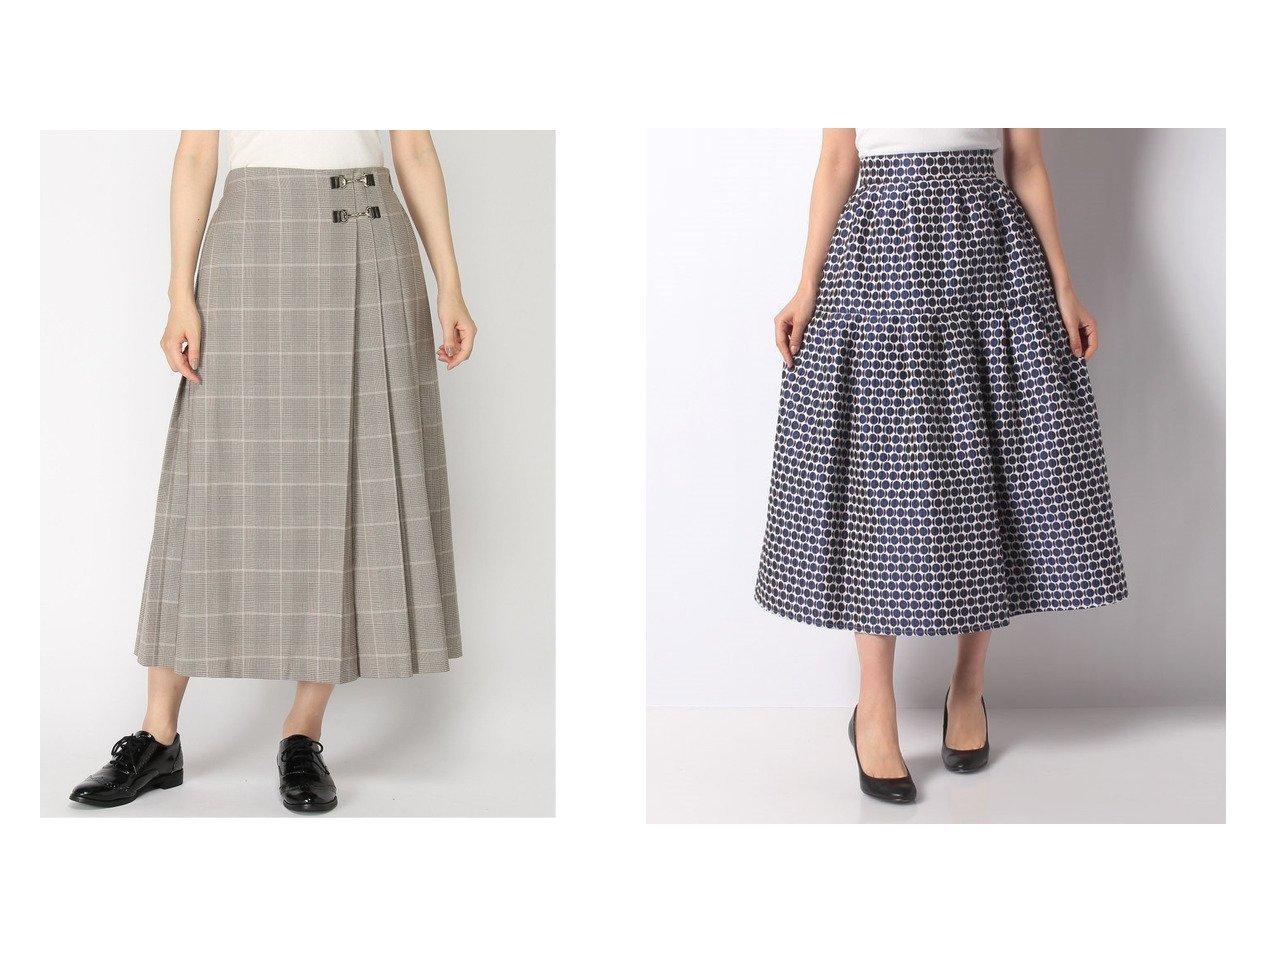 【GLOBAL WORK/グローバルワーク】のアラエルSK+D&【Rirandture/リランドチュール】のムーンジャガードスカート ボトムスのおすすめ!人気、トレンド・レディースファッションの通販 おすすめで人気の流行・トレンド、ファッションの通販商品 メンズファッション・キッズファッション・インテリア・家具・レディースファッション・服の通販 founy(ファニー) https://founy.com/ ファッション Fashion レディースファッション WOMEN セットアップ Setup スカート Skirt スカート Skirt Aライン/フレアスカート Flared A-Line Skirts アンティーク クラシック ジャケット ストレッチ セットアップ フレア ロング 楽ちん 秋 Autumn/Fall シンプル ボトム |ID:crp329100000014300